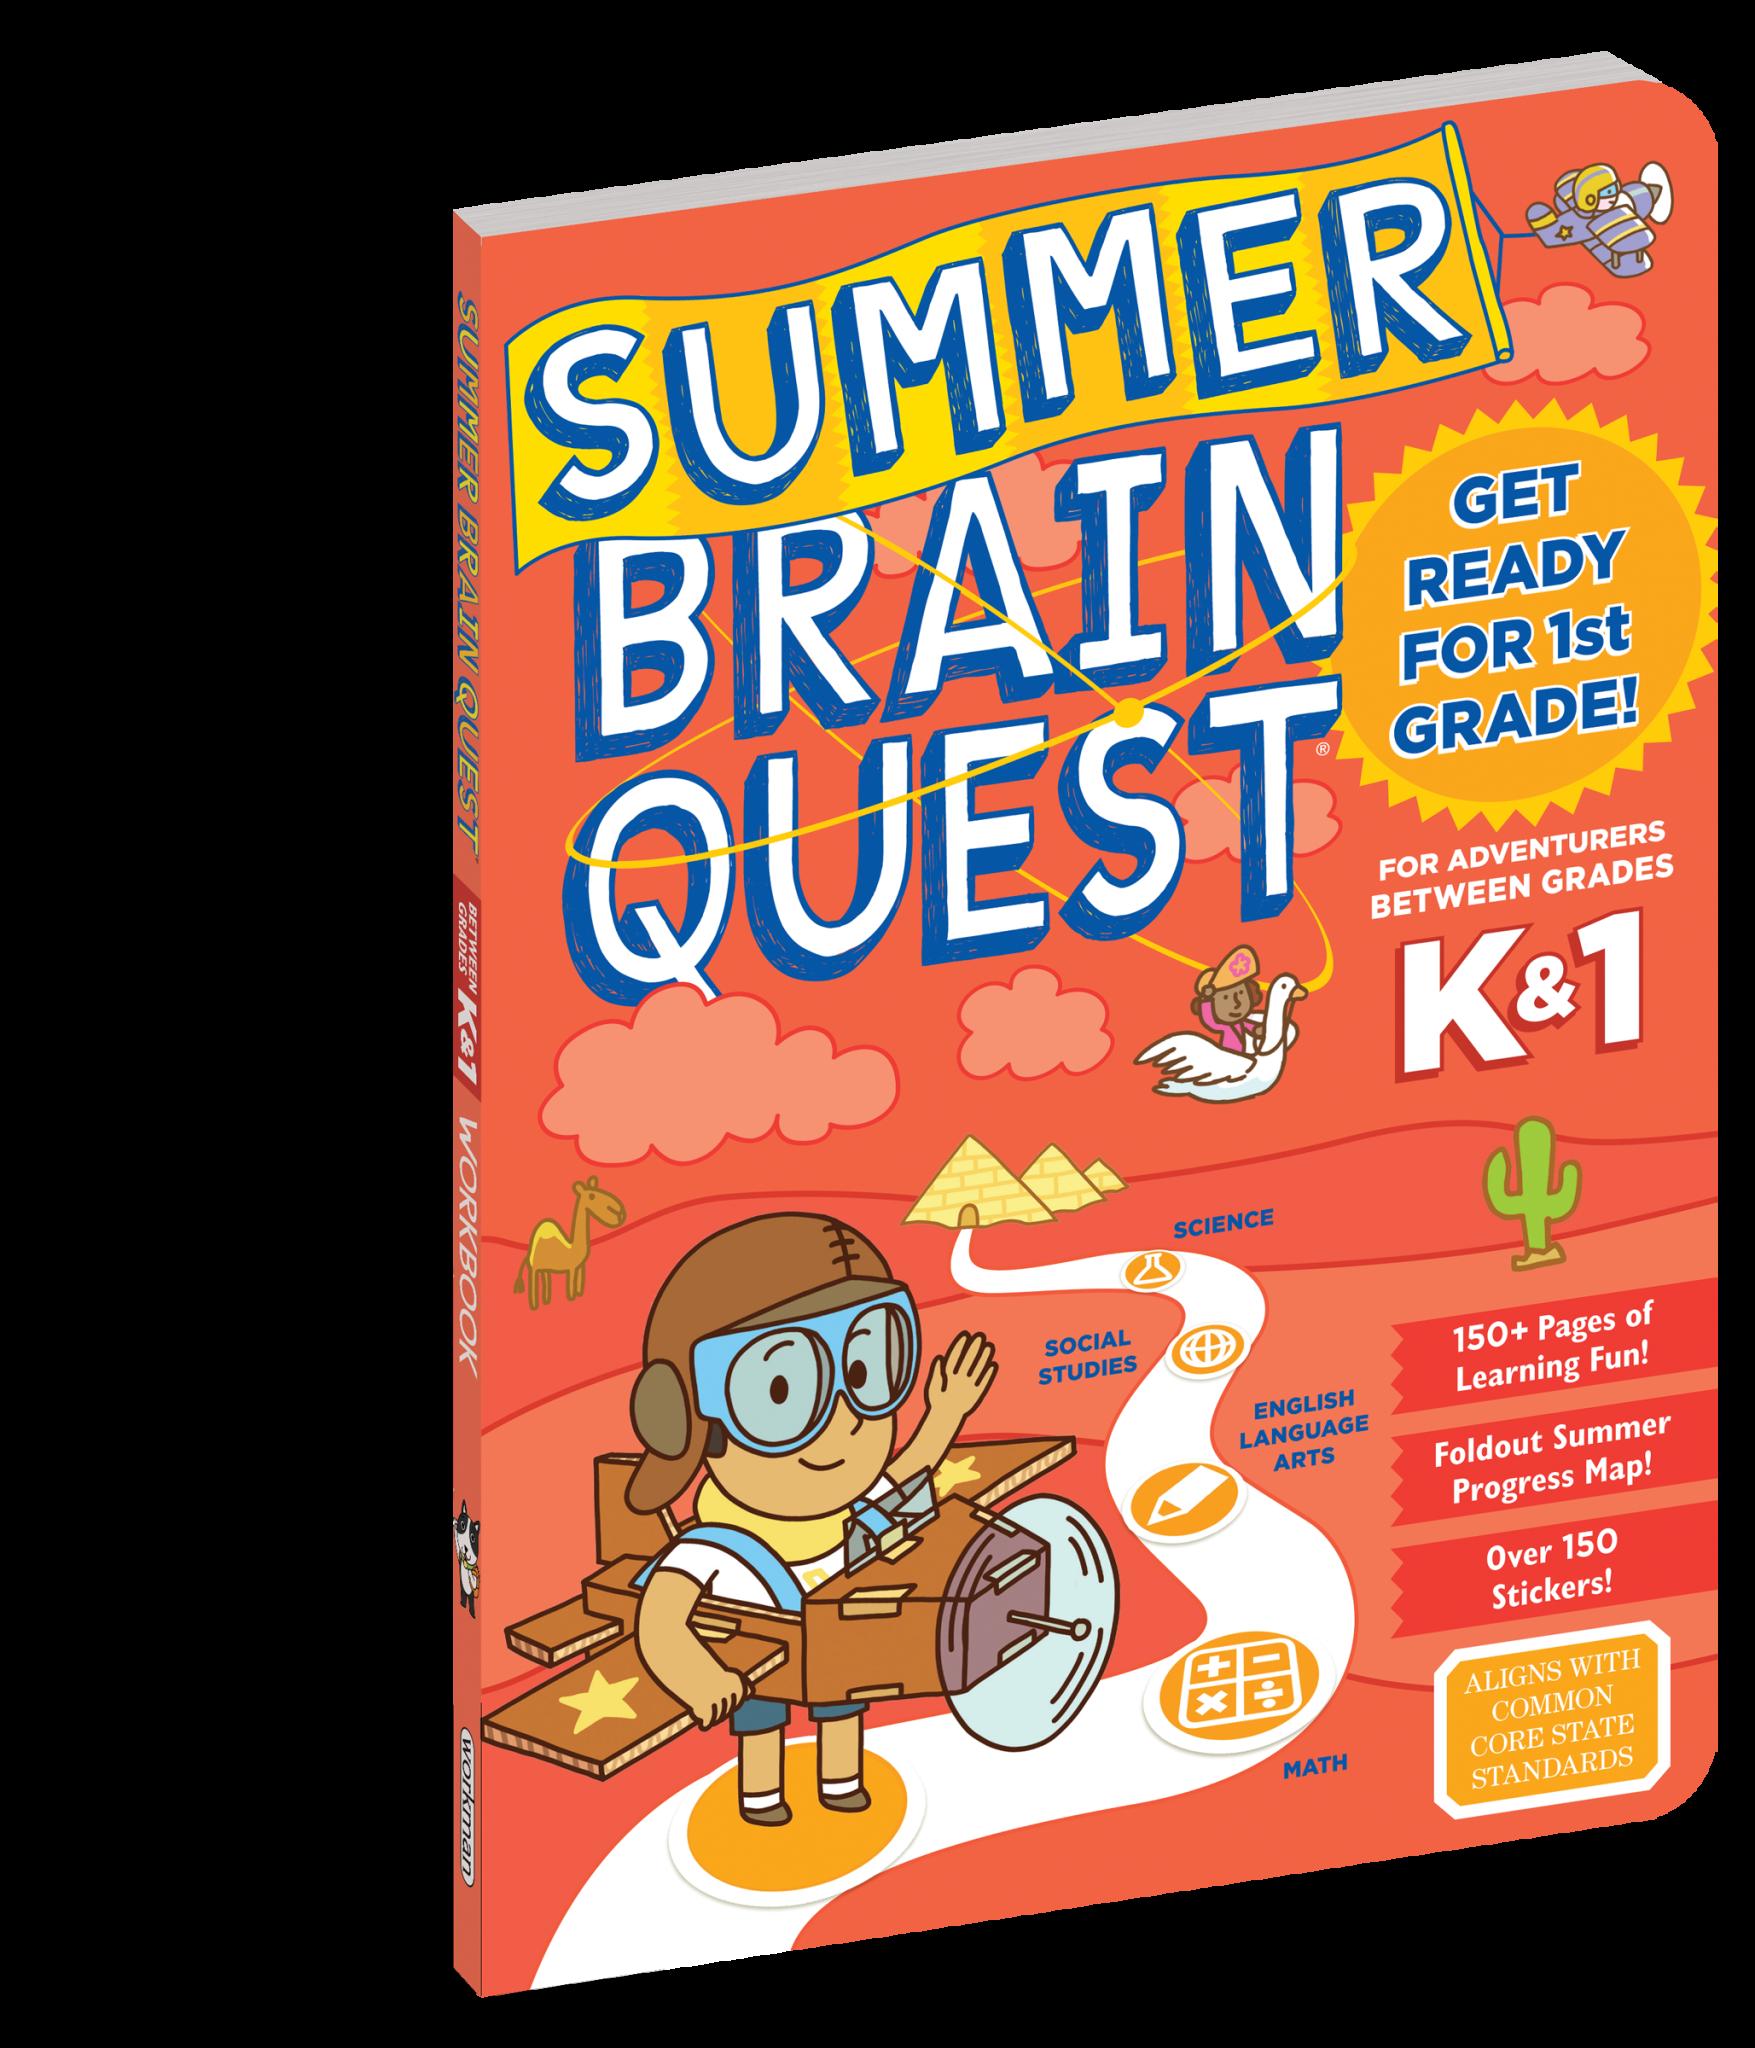 Summer Brain Quest Workbooks by Grade K to 1st